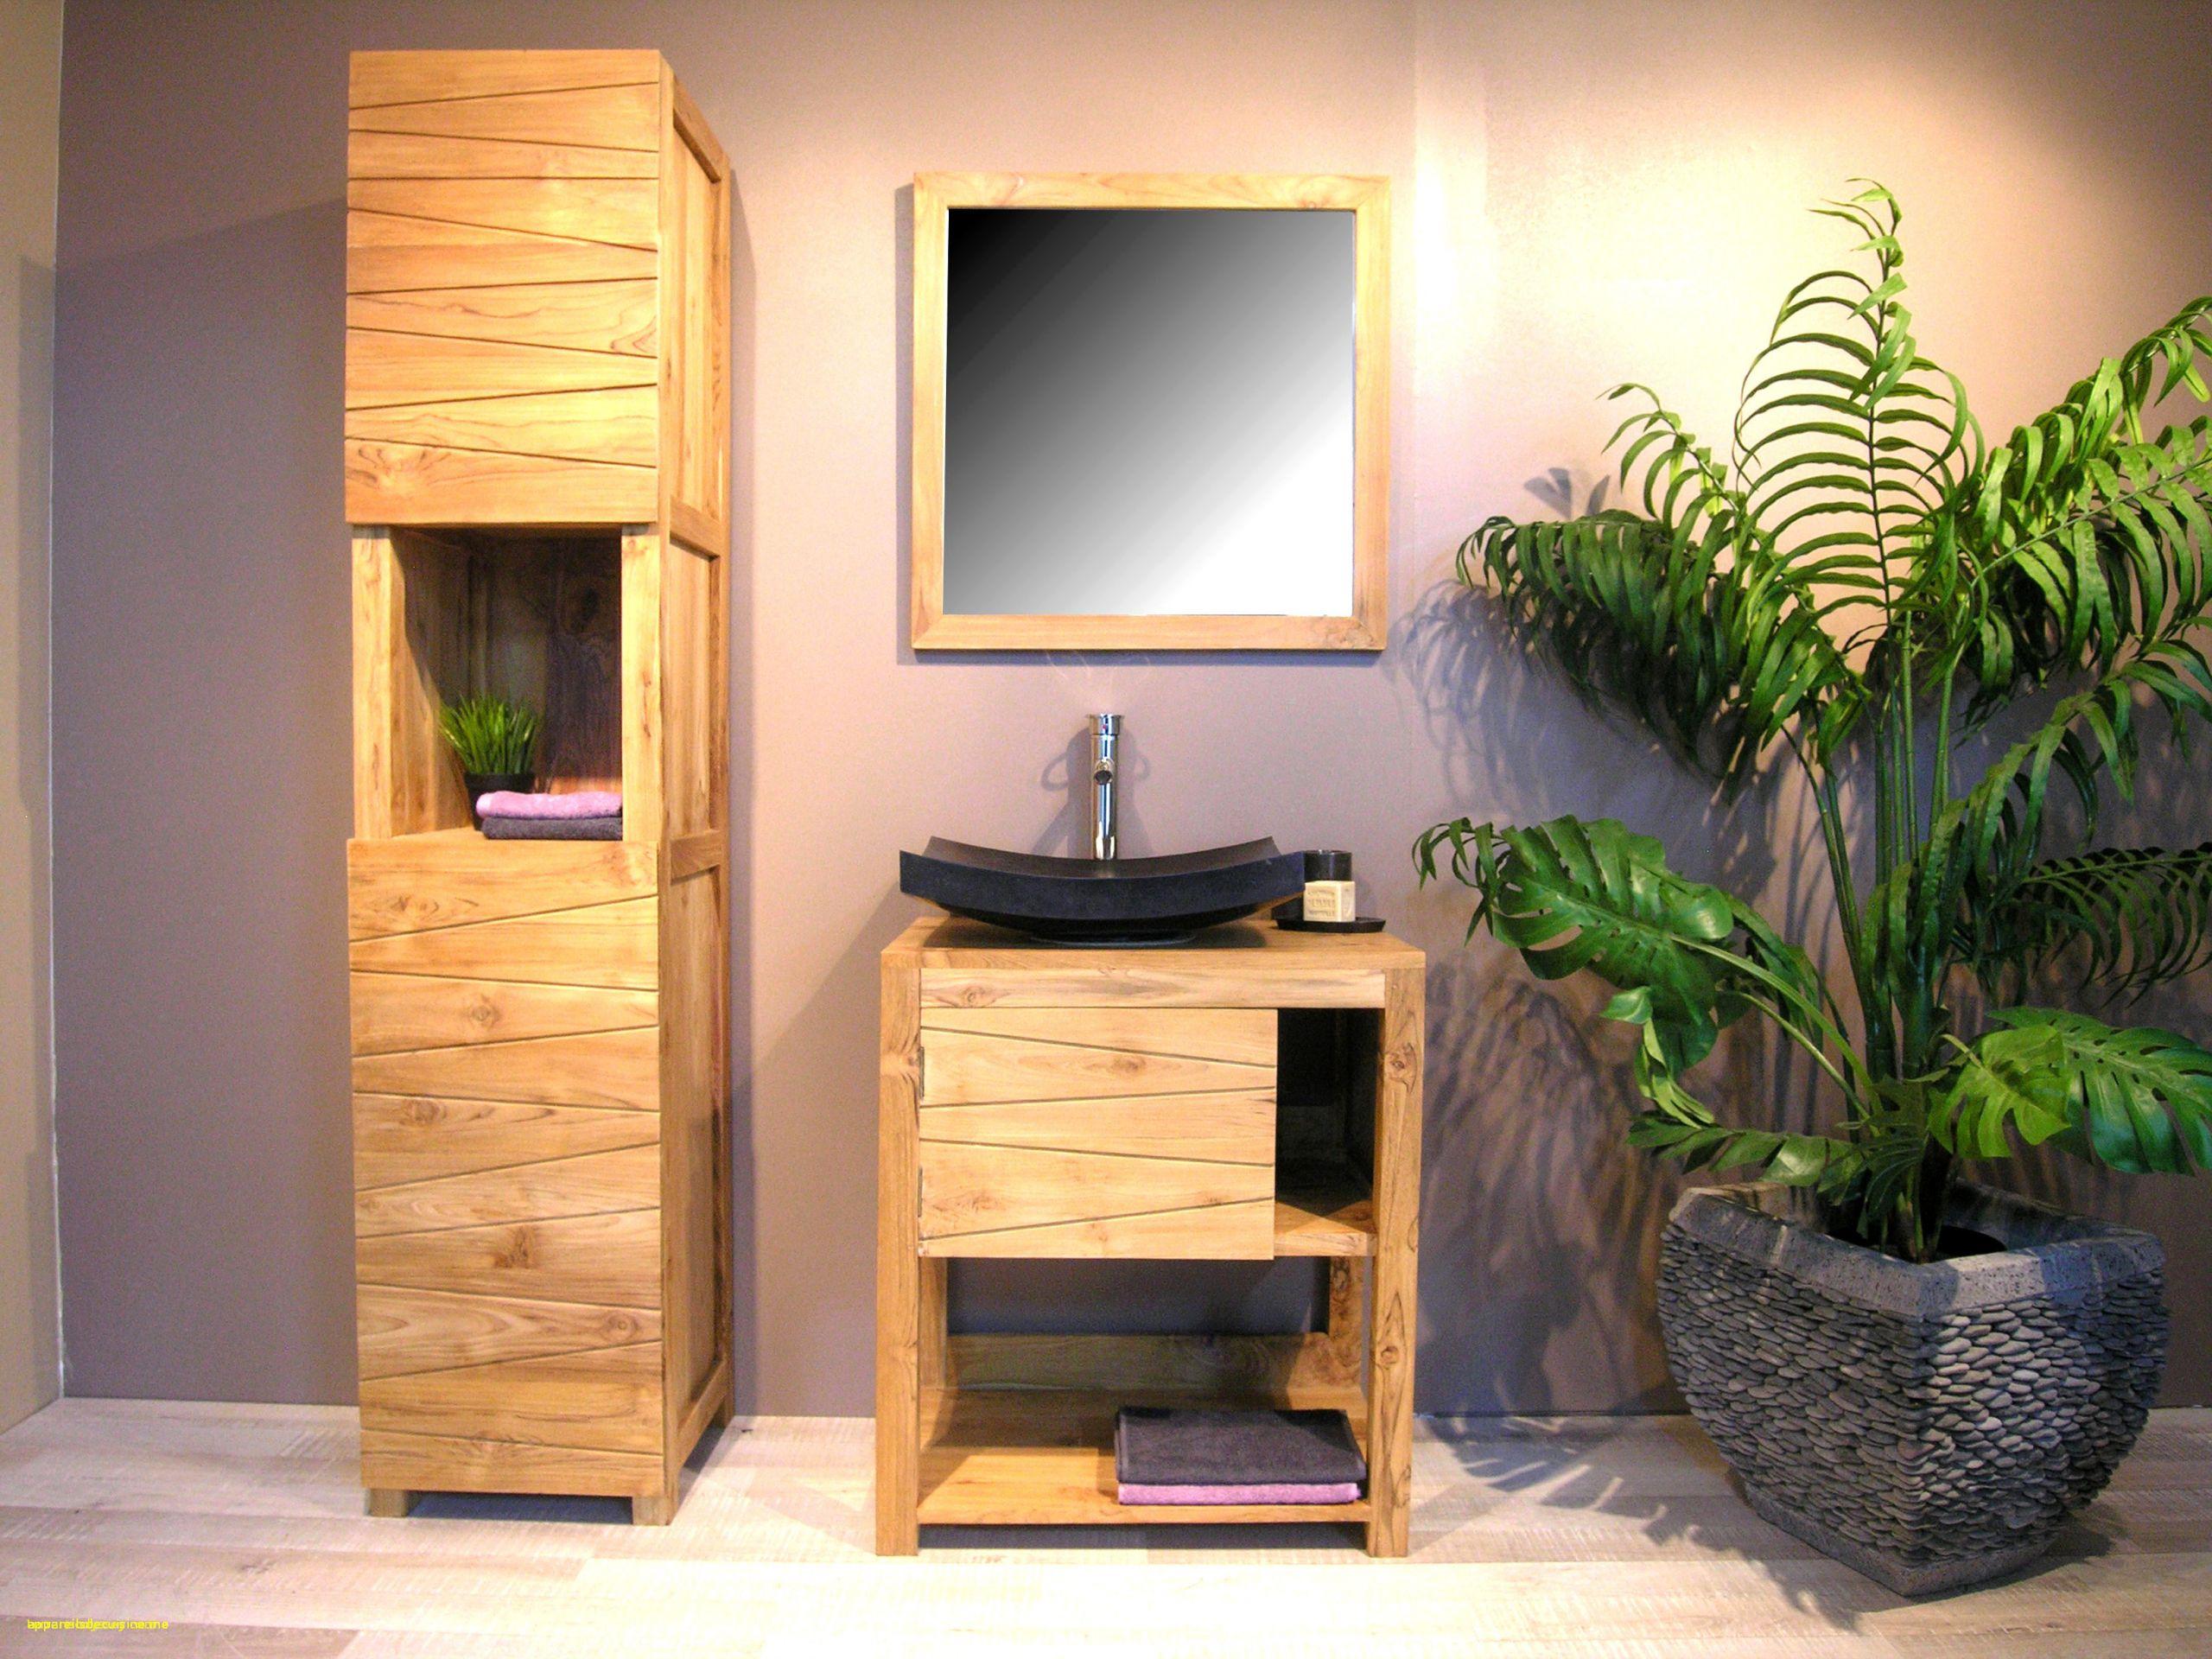 brico depot meuble 35 inspirant meuble salle de bain brico depot idees of brico depot meuble